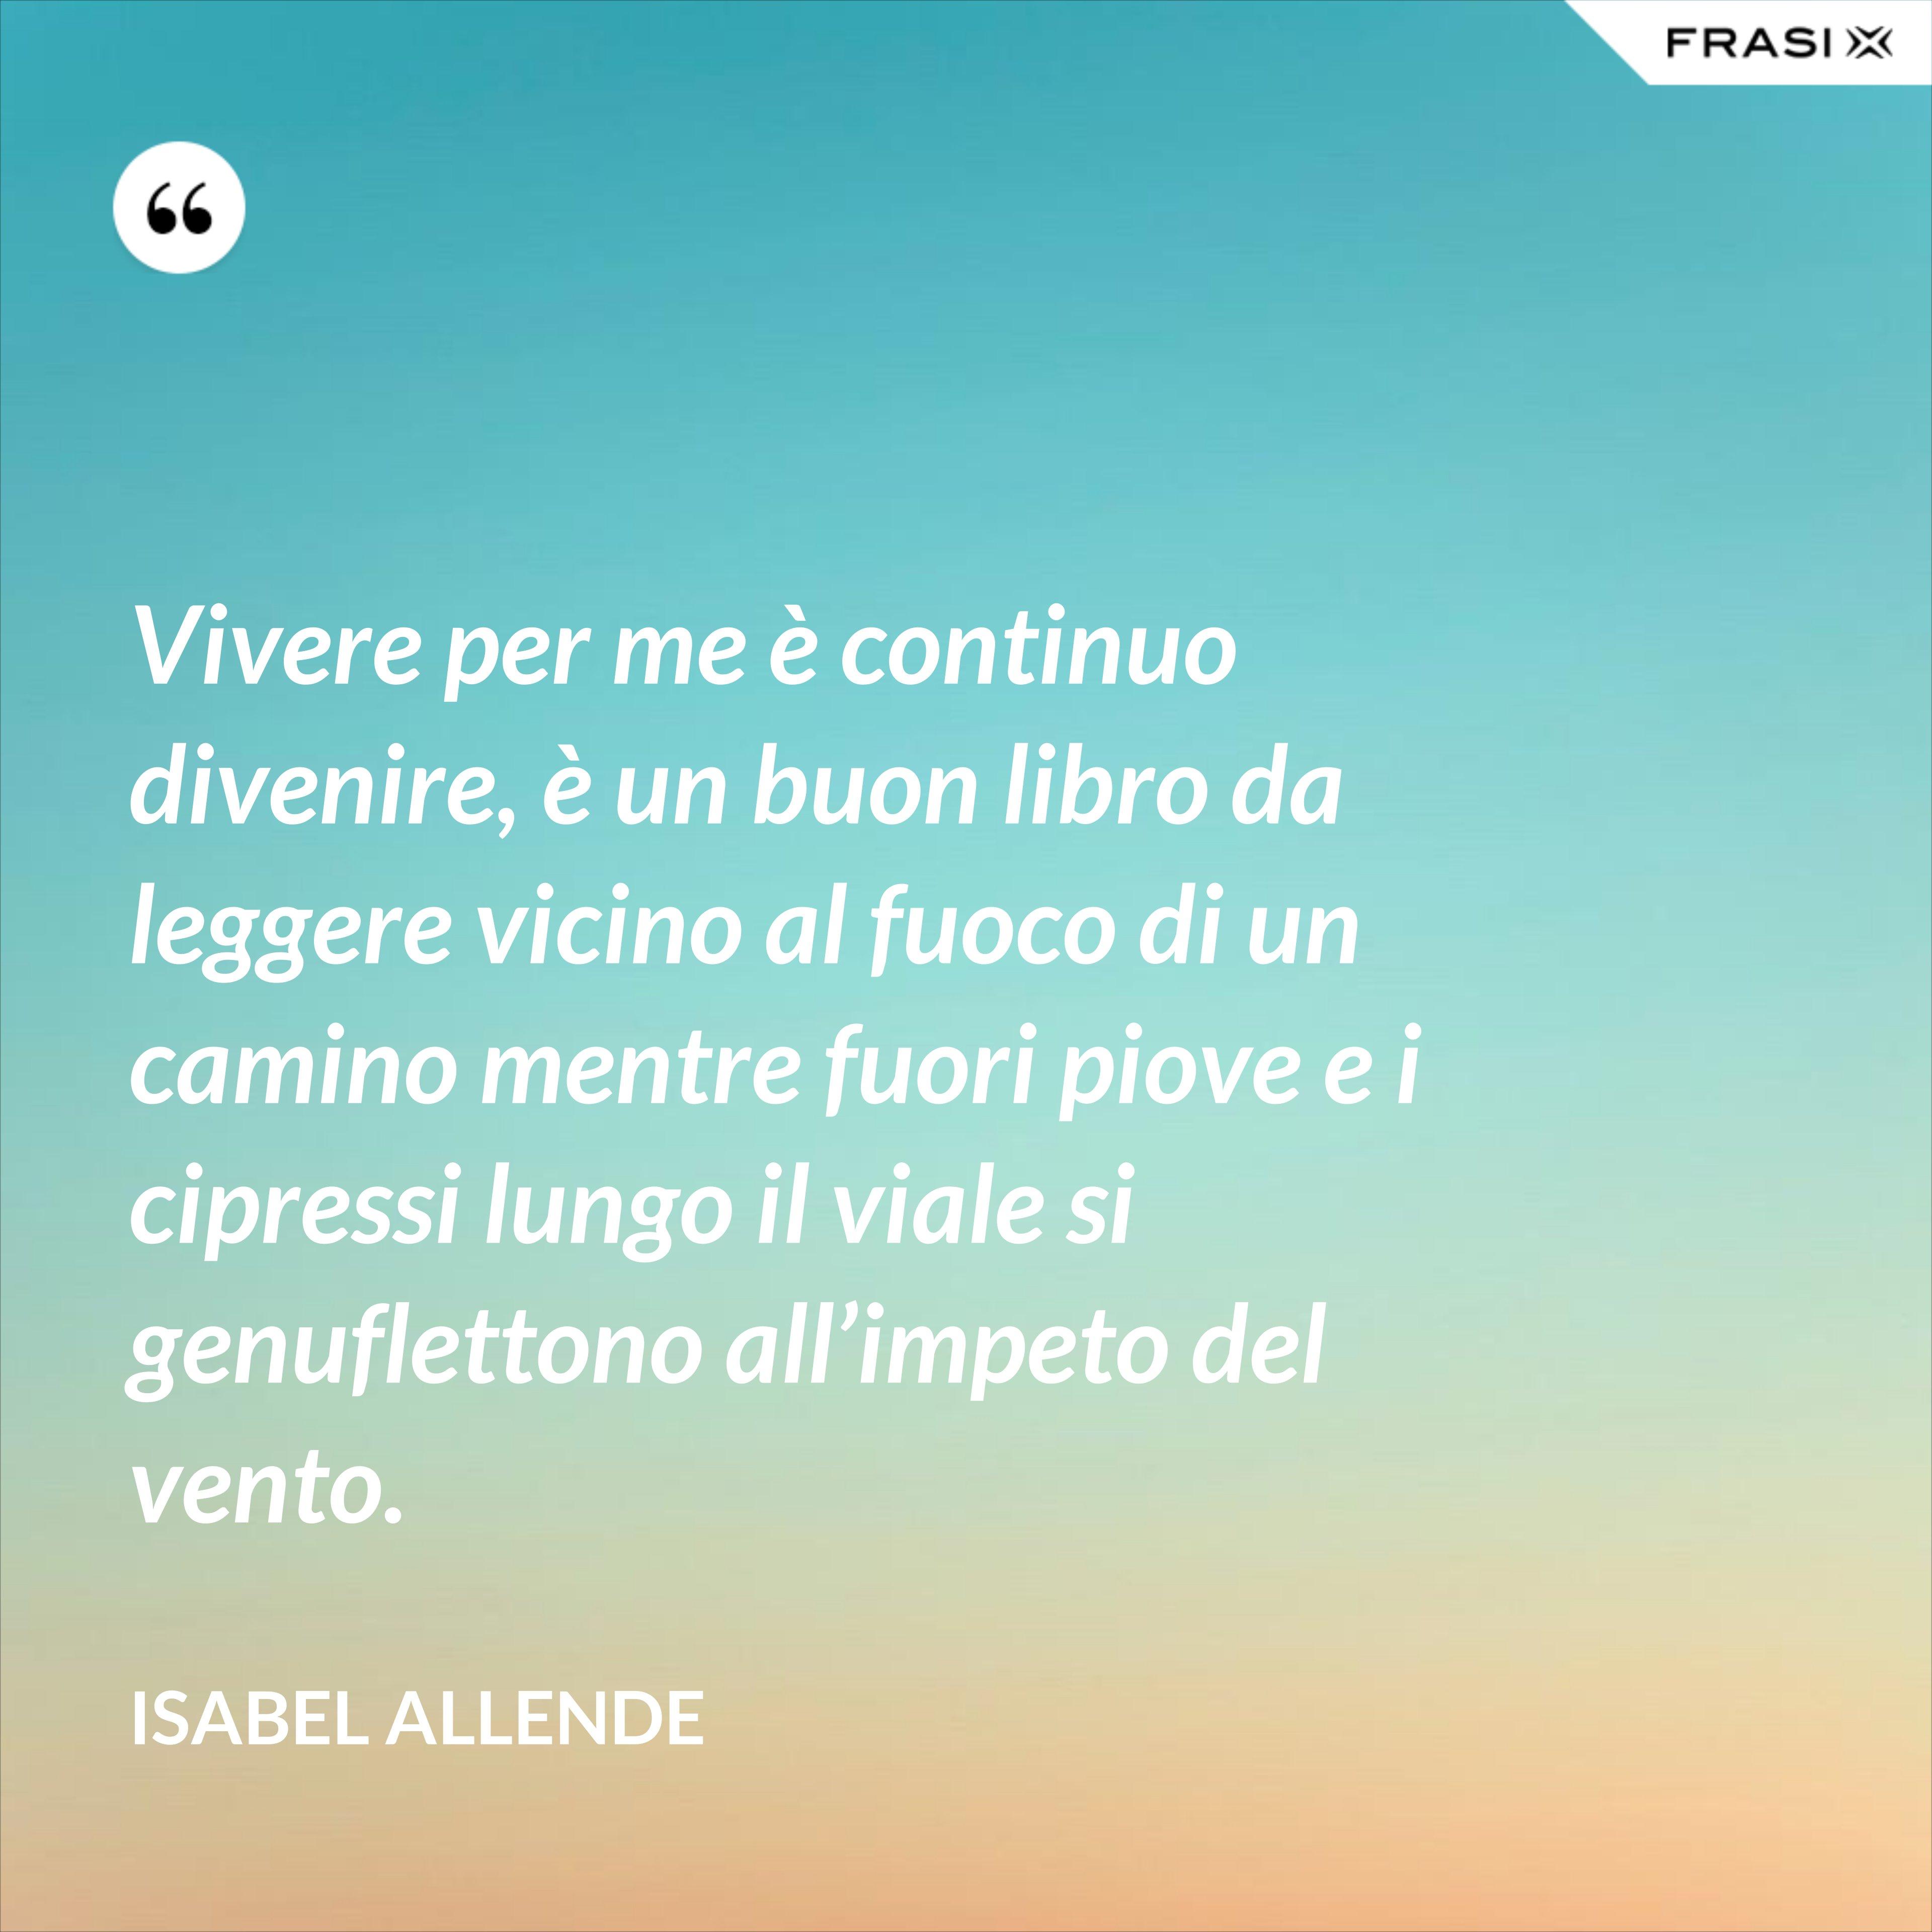 Vivere per me è continuo divenire, è un buon libro da leggere vicino al fuoco di un camino mentre fuori piove e i cipressi lungo il viale si genuflettono all'impeto del vento. - Isabel Allende